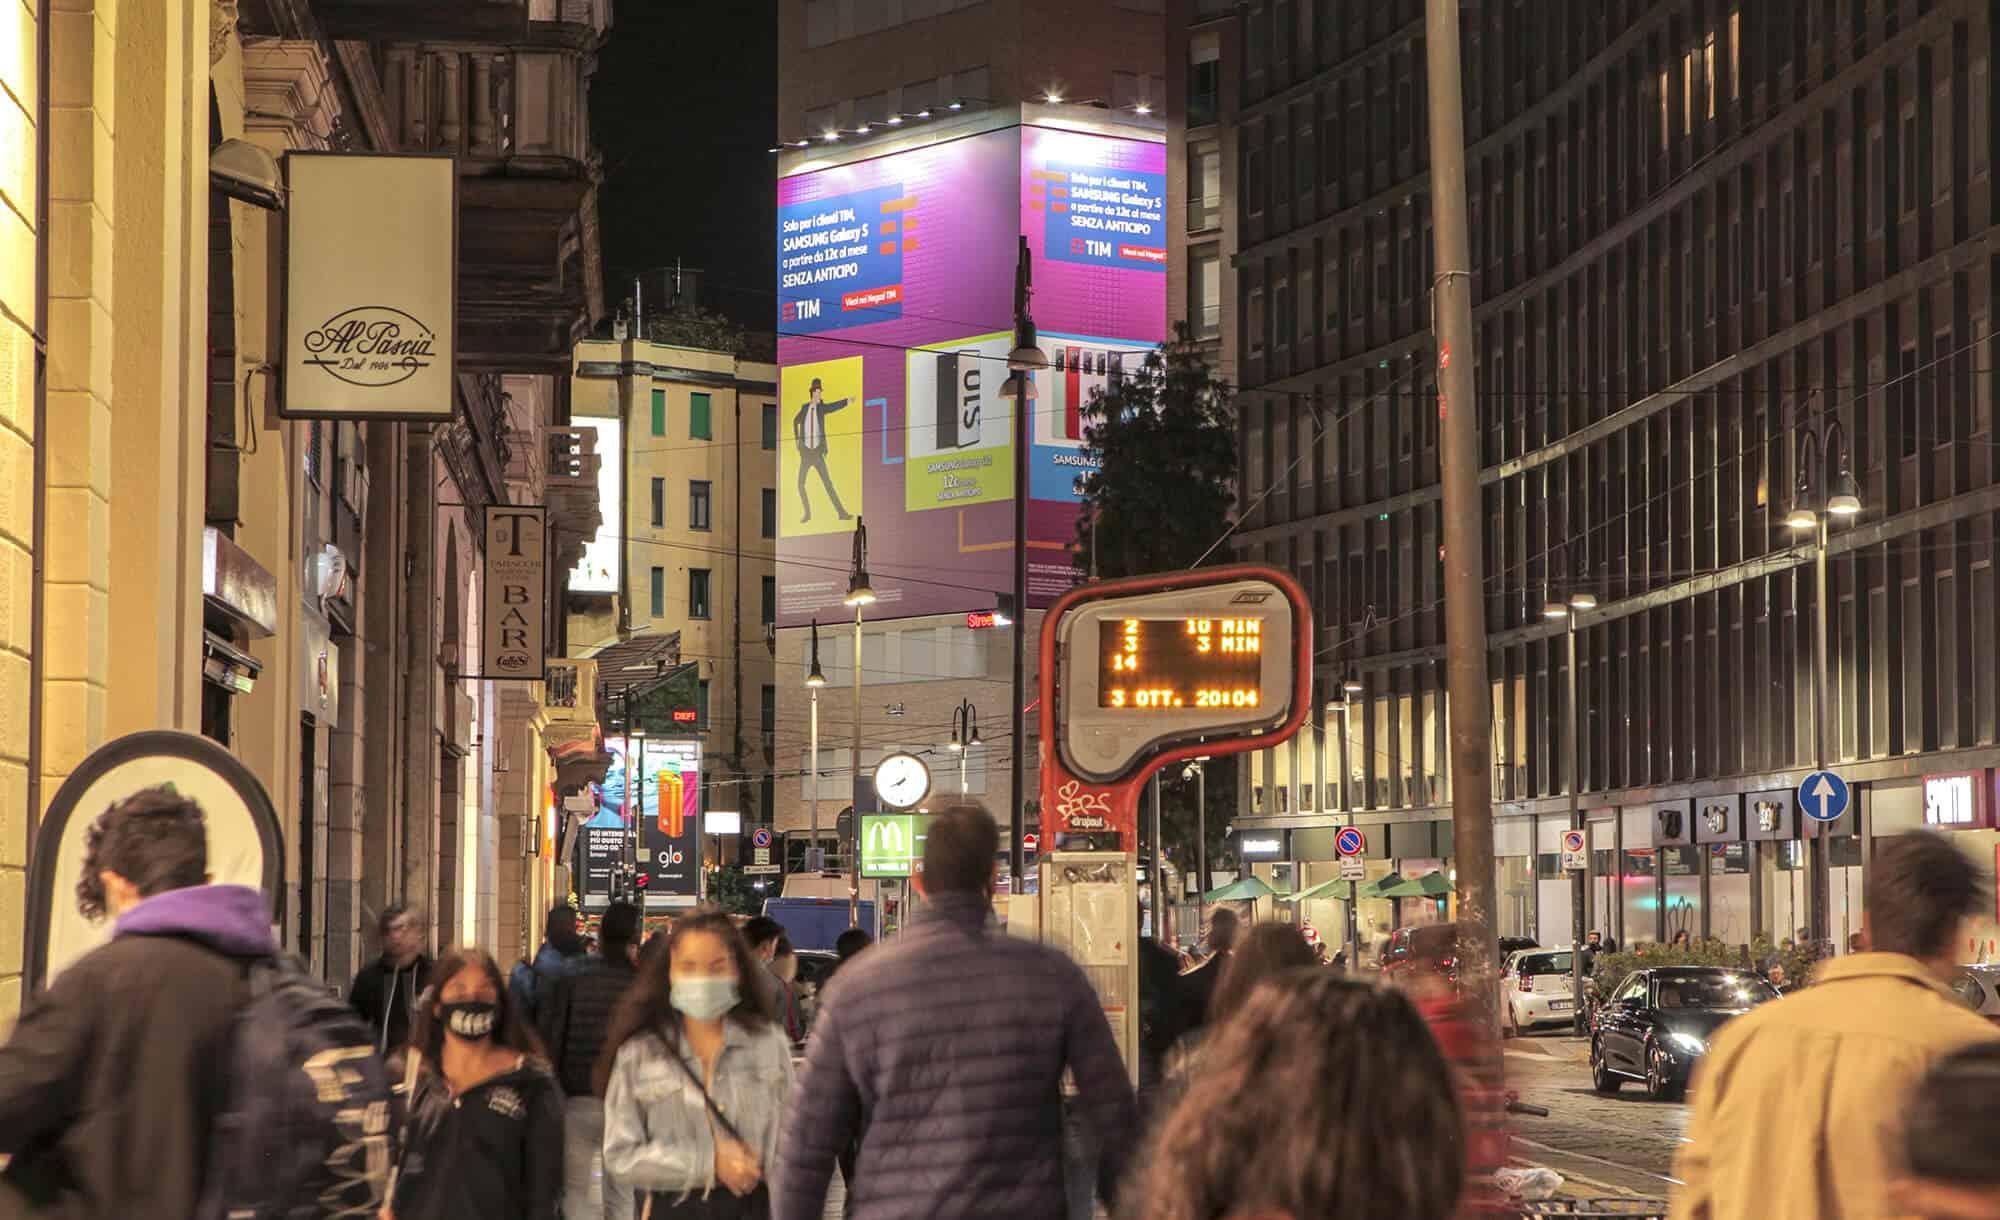 Maxi Affissione Streetvox in Largo Carrobbio su Hotel Ariston a Milano con TIM (telco)